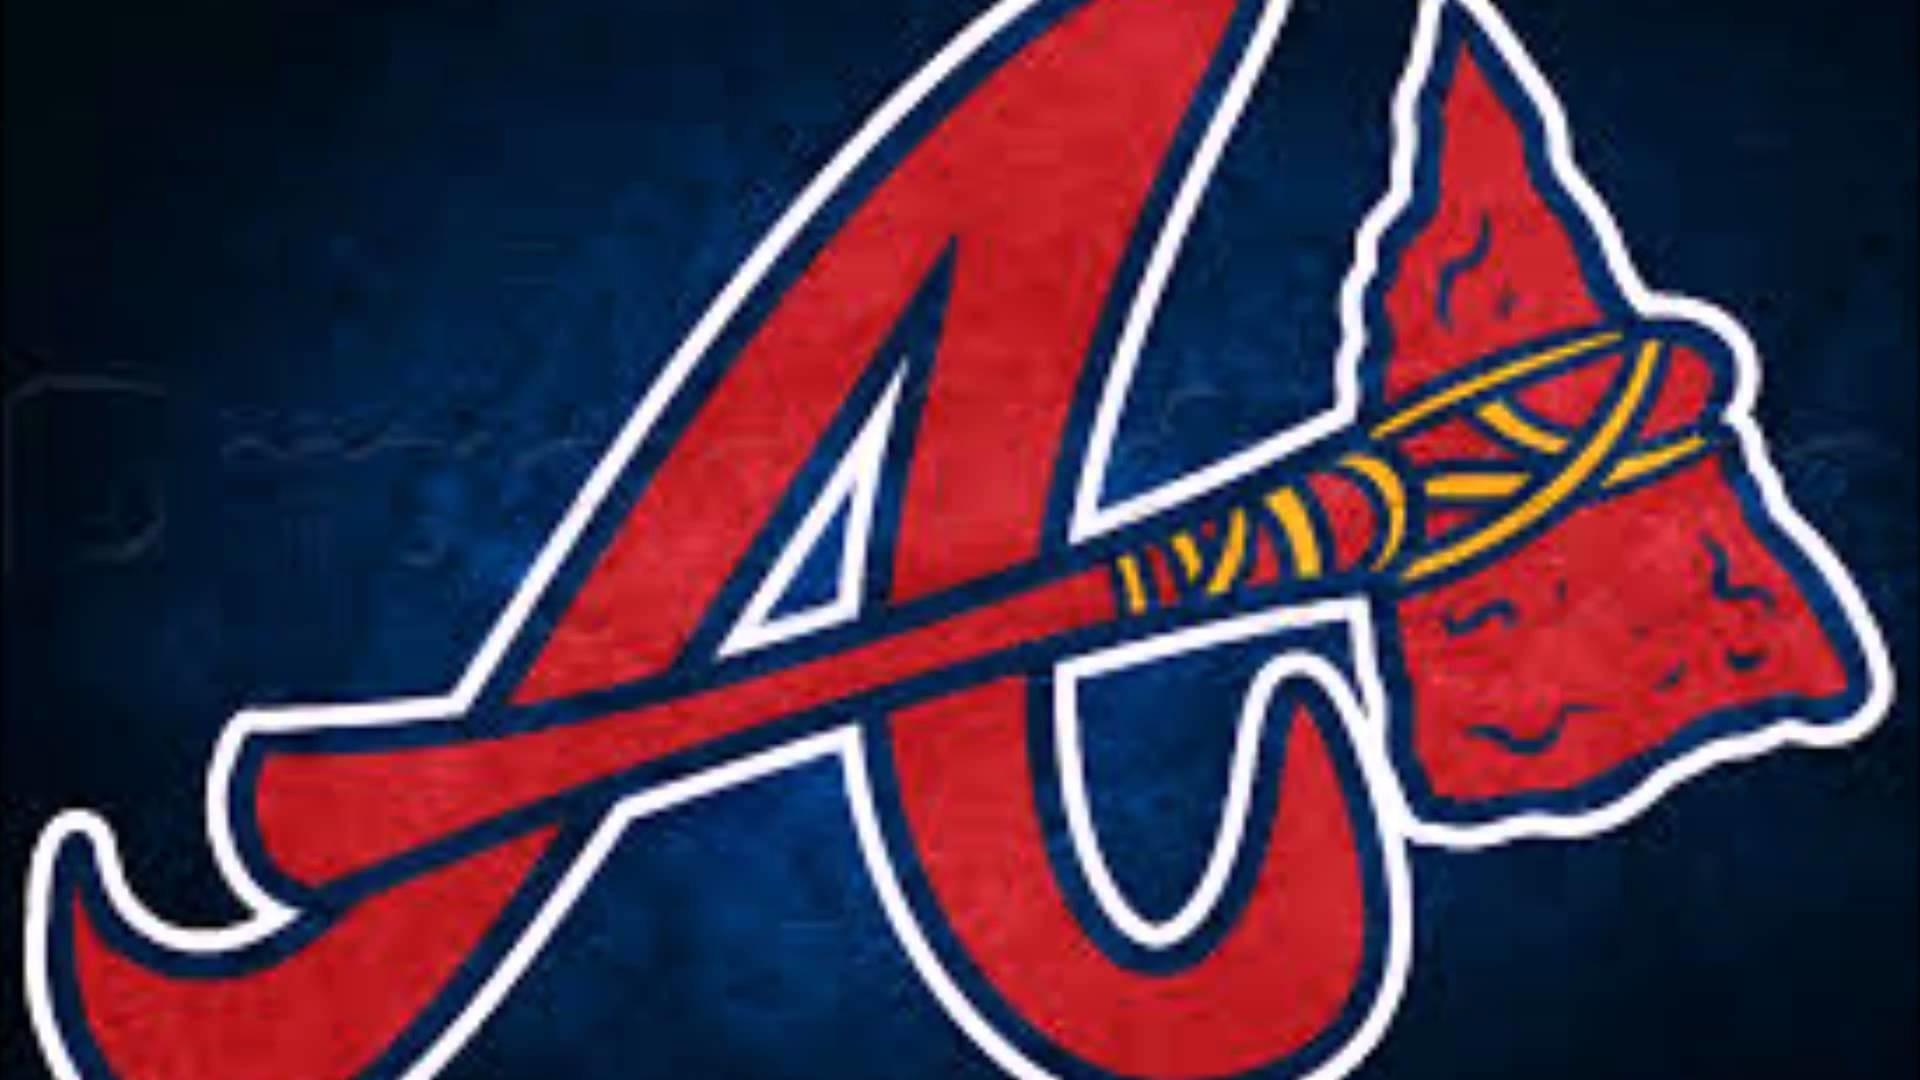 Atlanta Braves Home Run Horn